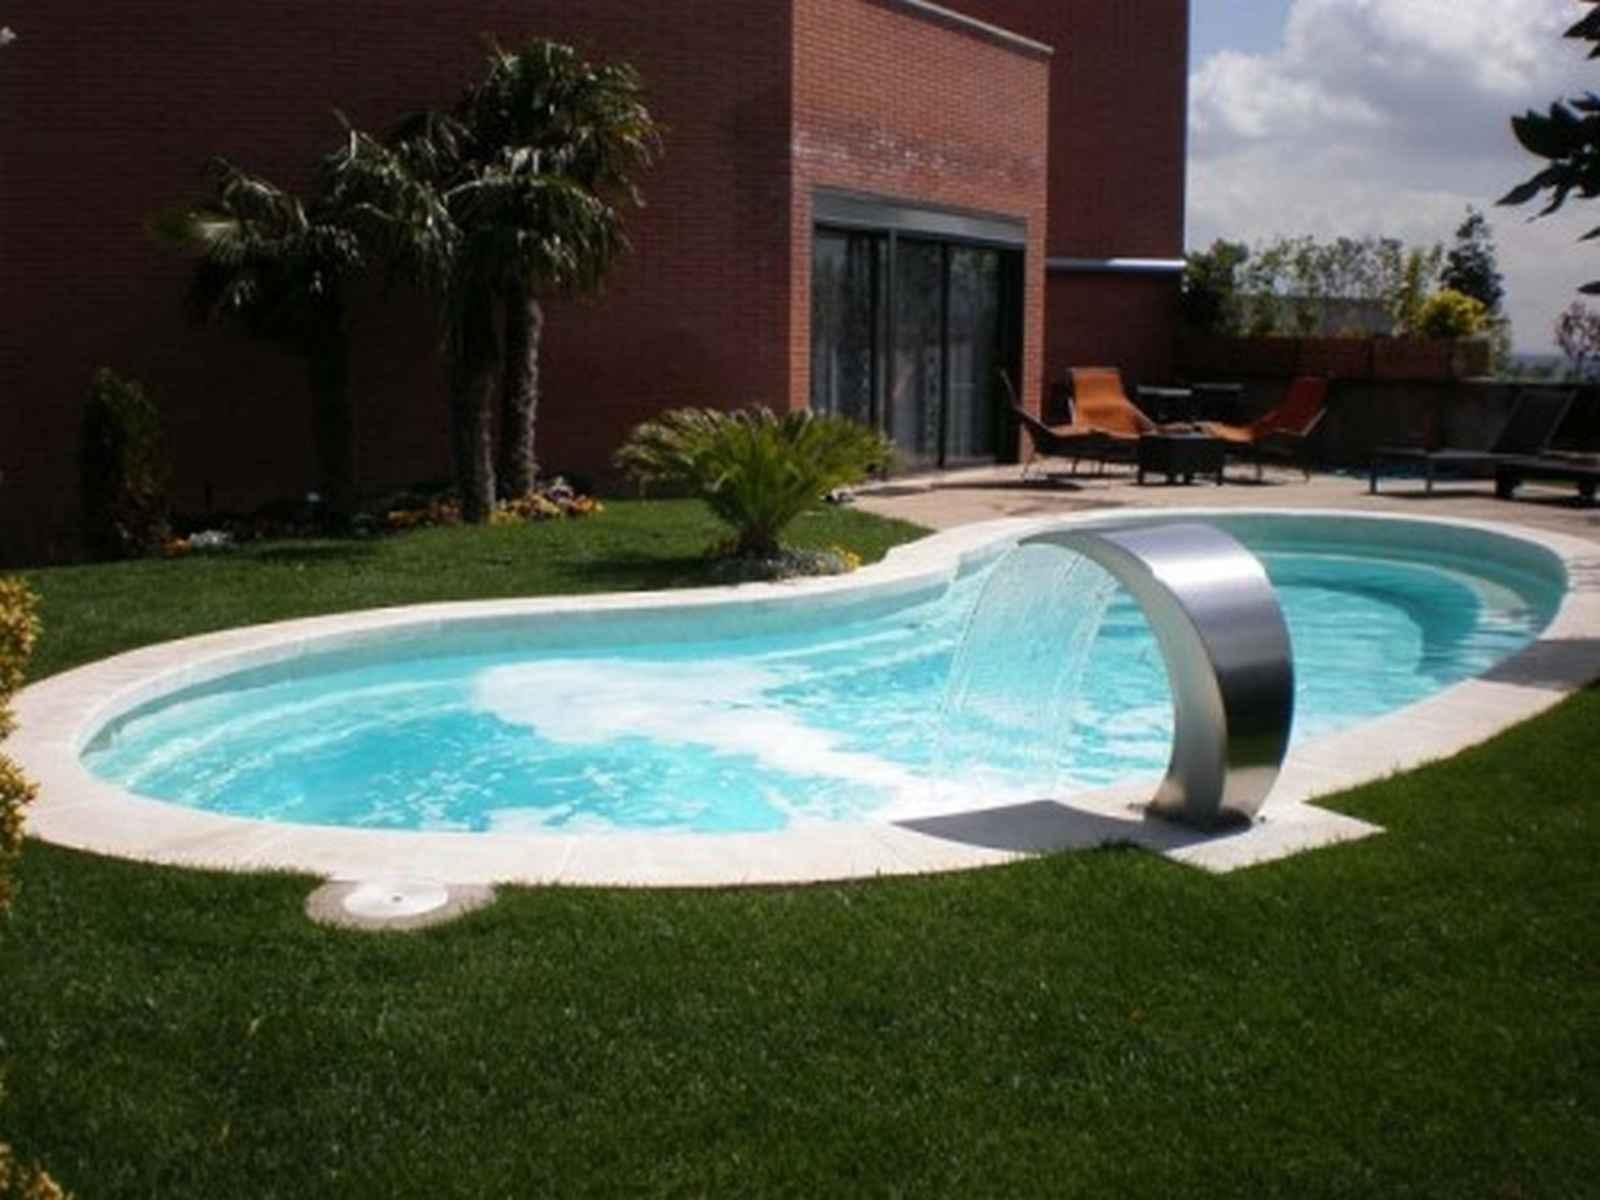 Ideal Pool 1.50 Tief UZ44 – Hitoiro DK25